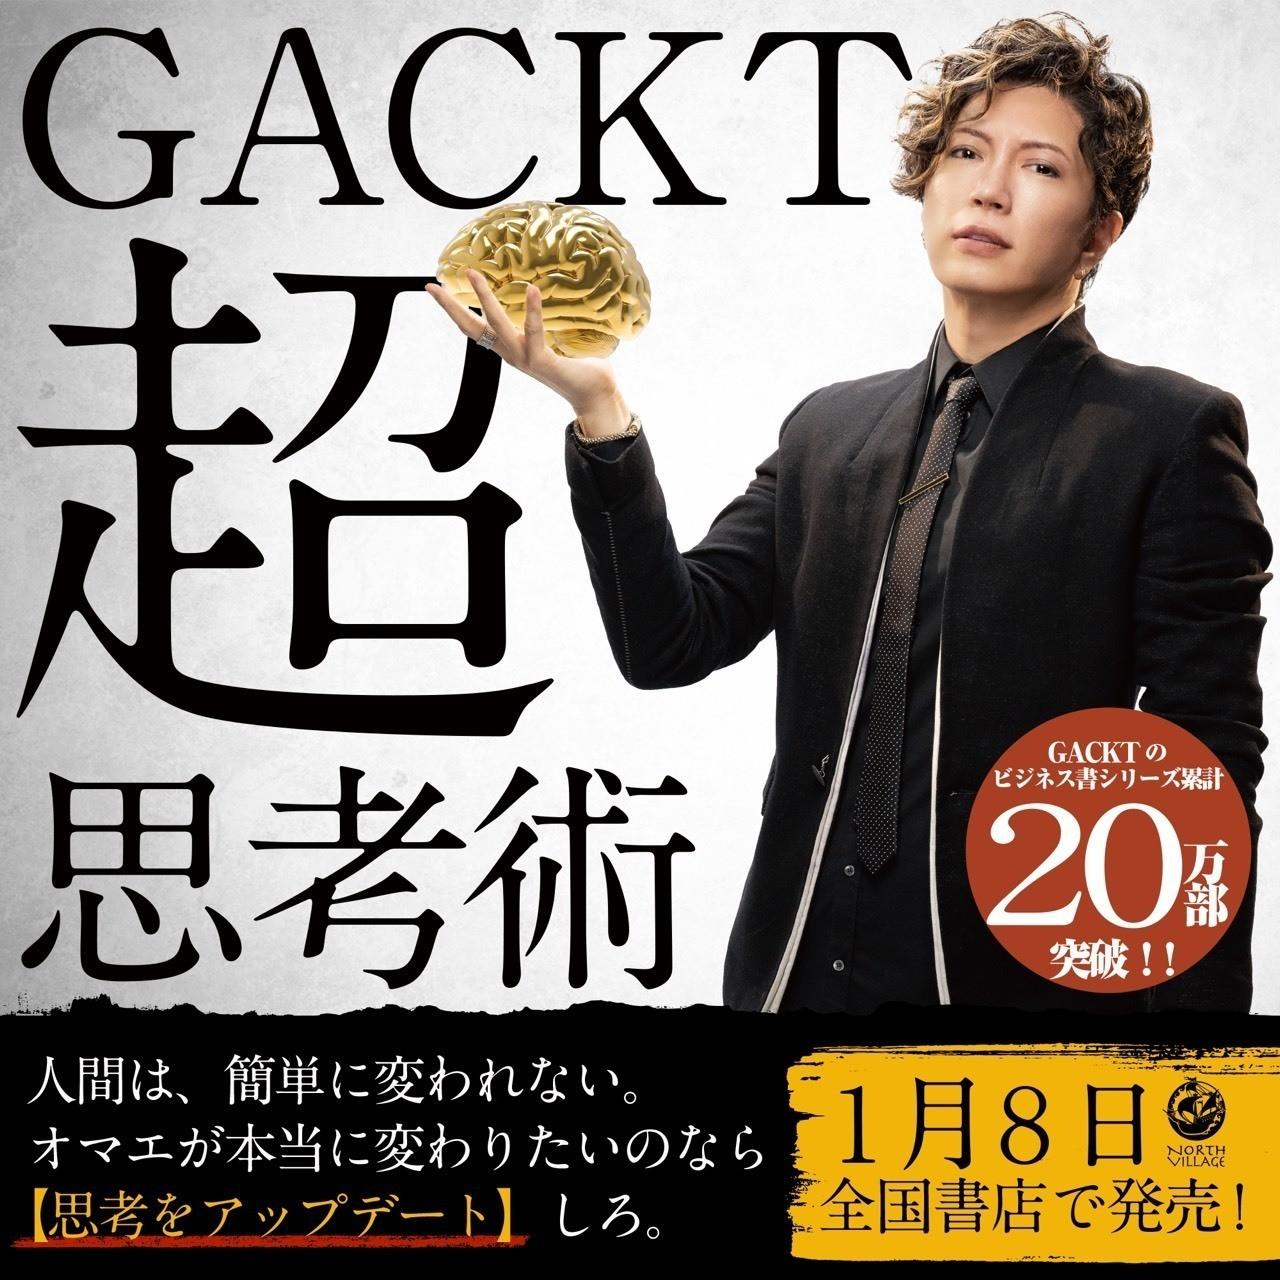 GACKTの本と動画のレビュー